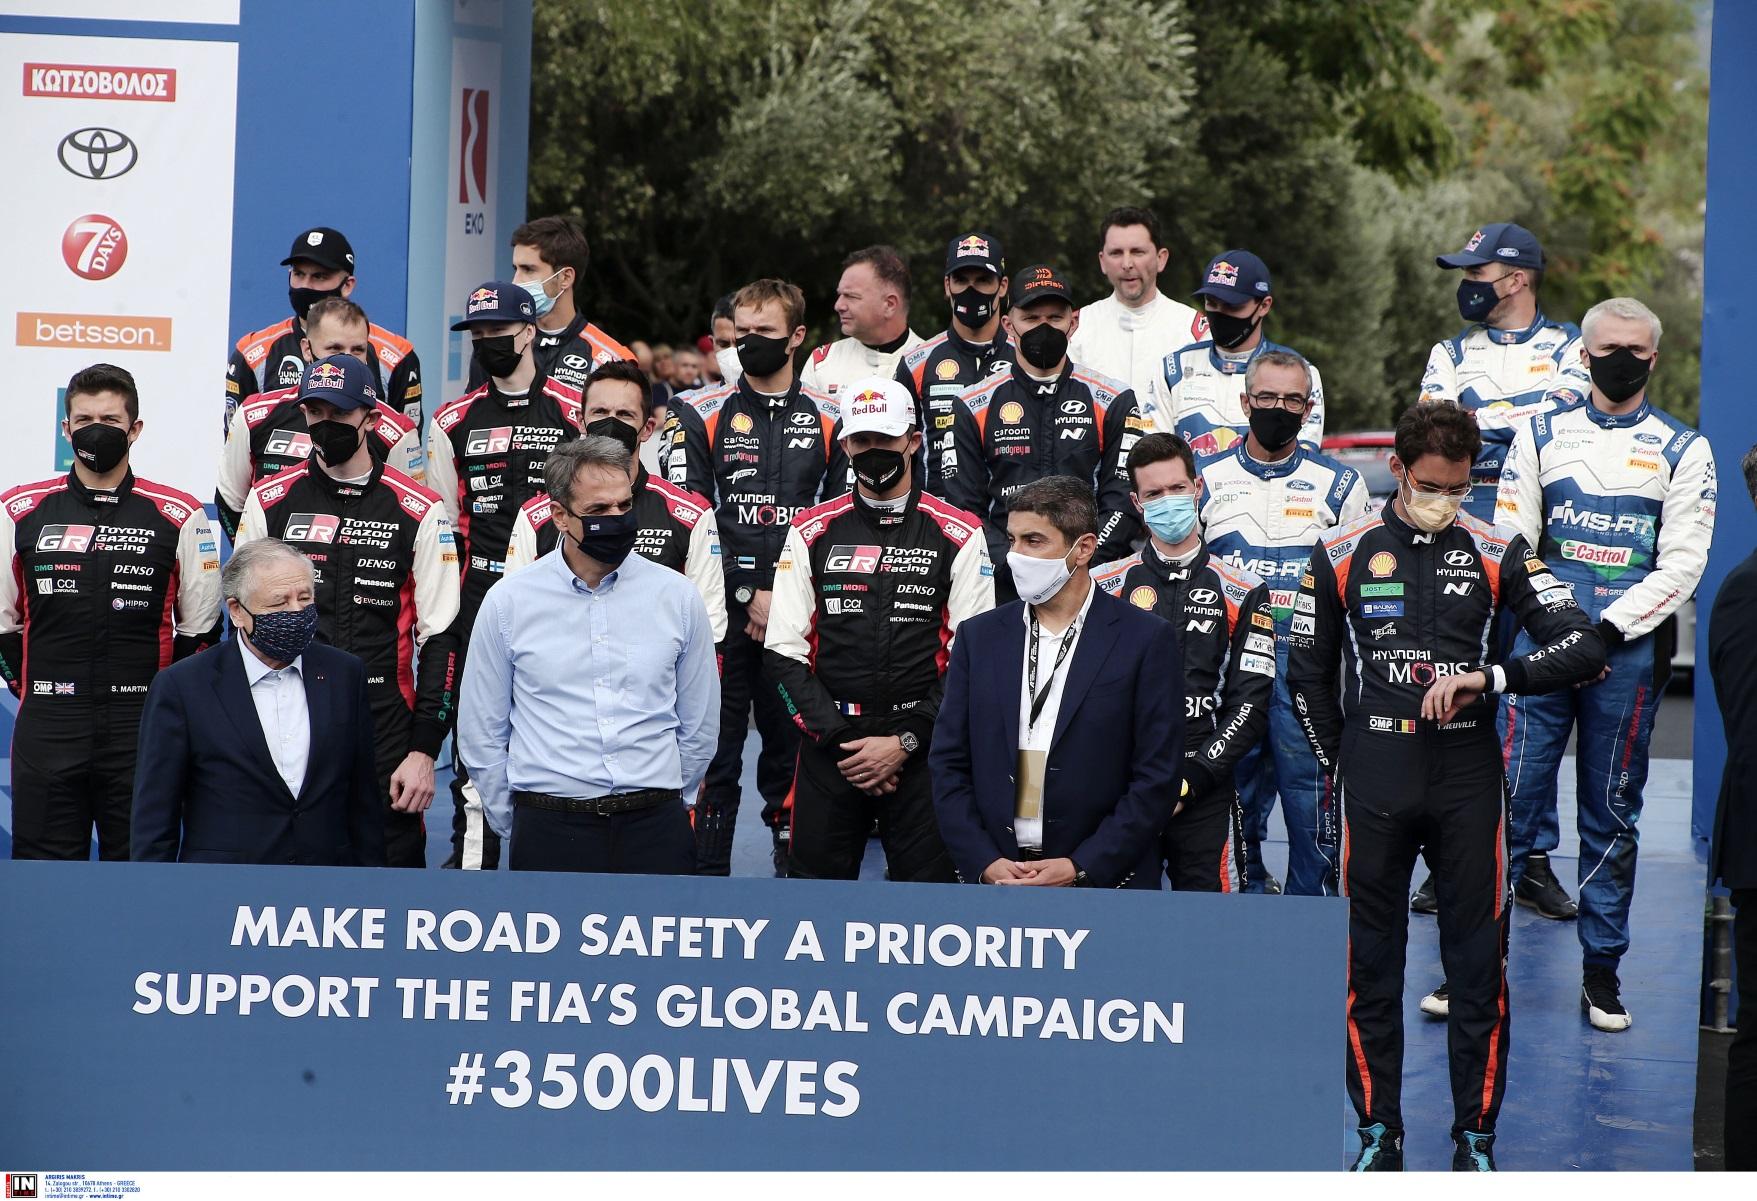 Ράλι Ακρόπολις 2021 – Κυριάκος Μητσοτάκης: O αγώνας «ήρθε για να μείνει»